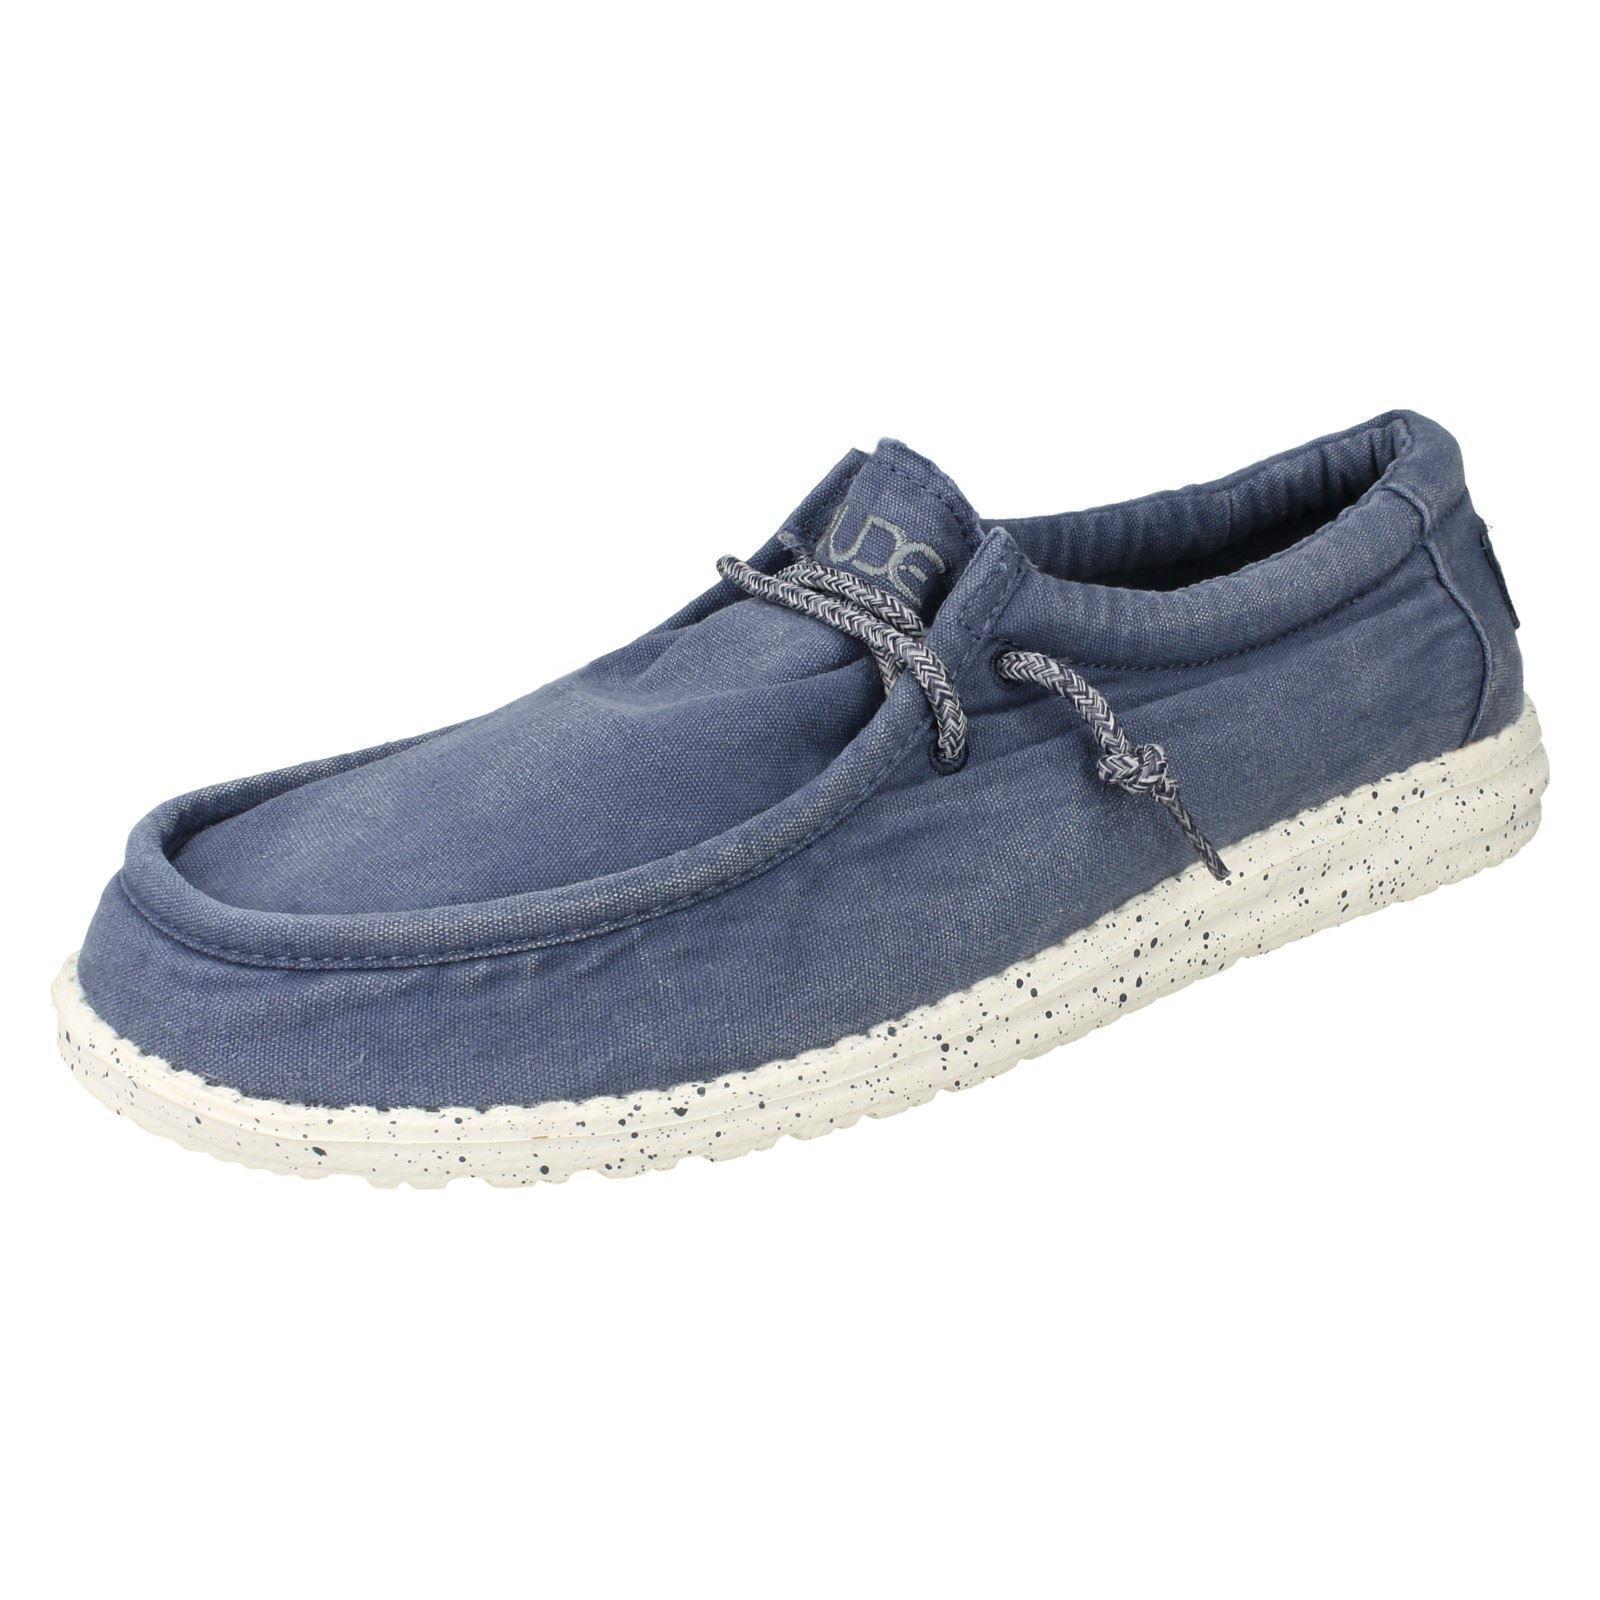 Para hombre Hey Dude Wally Lavado Acero Azul Lona Informal Con Cordones Zapato